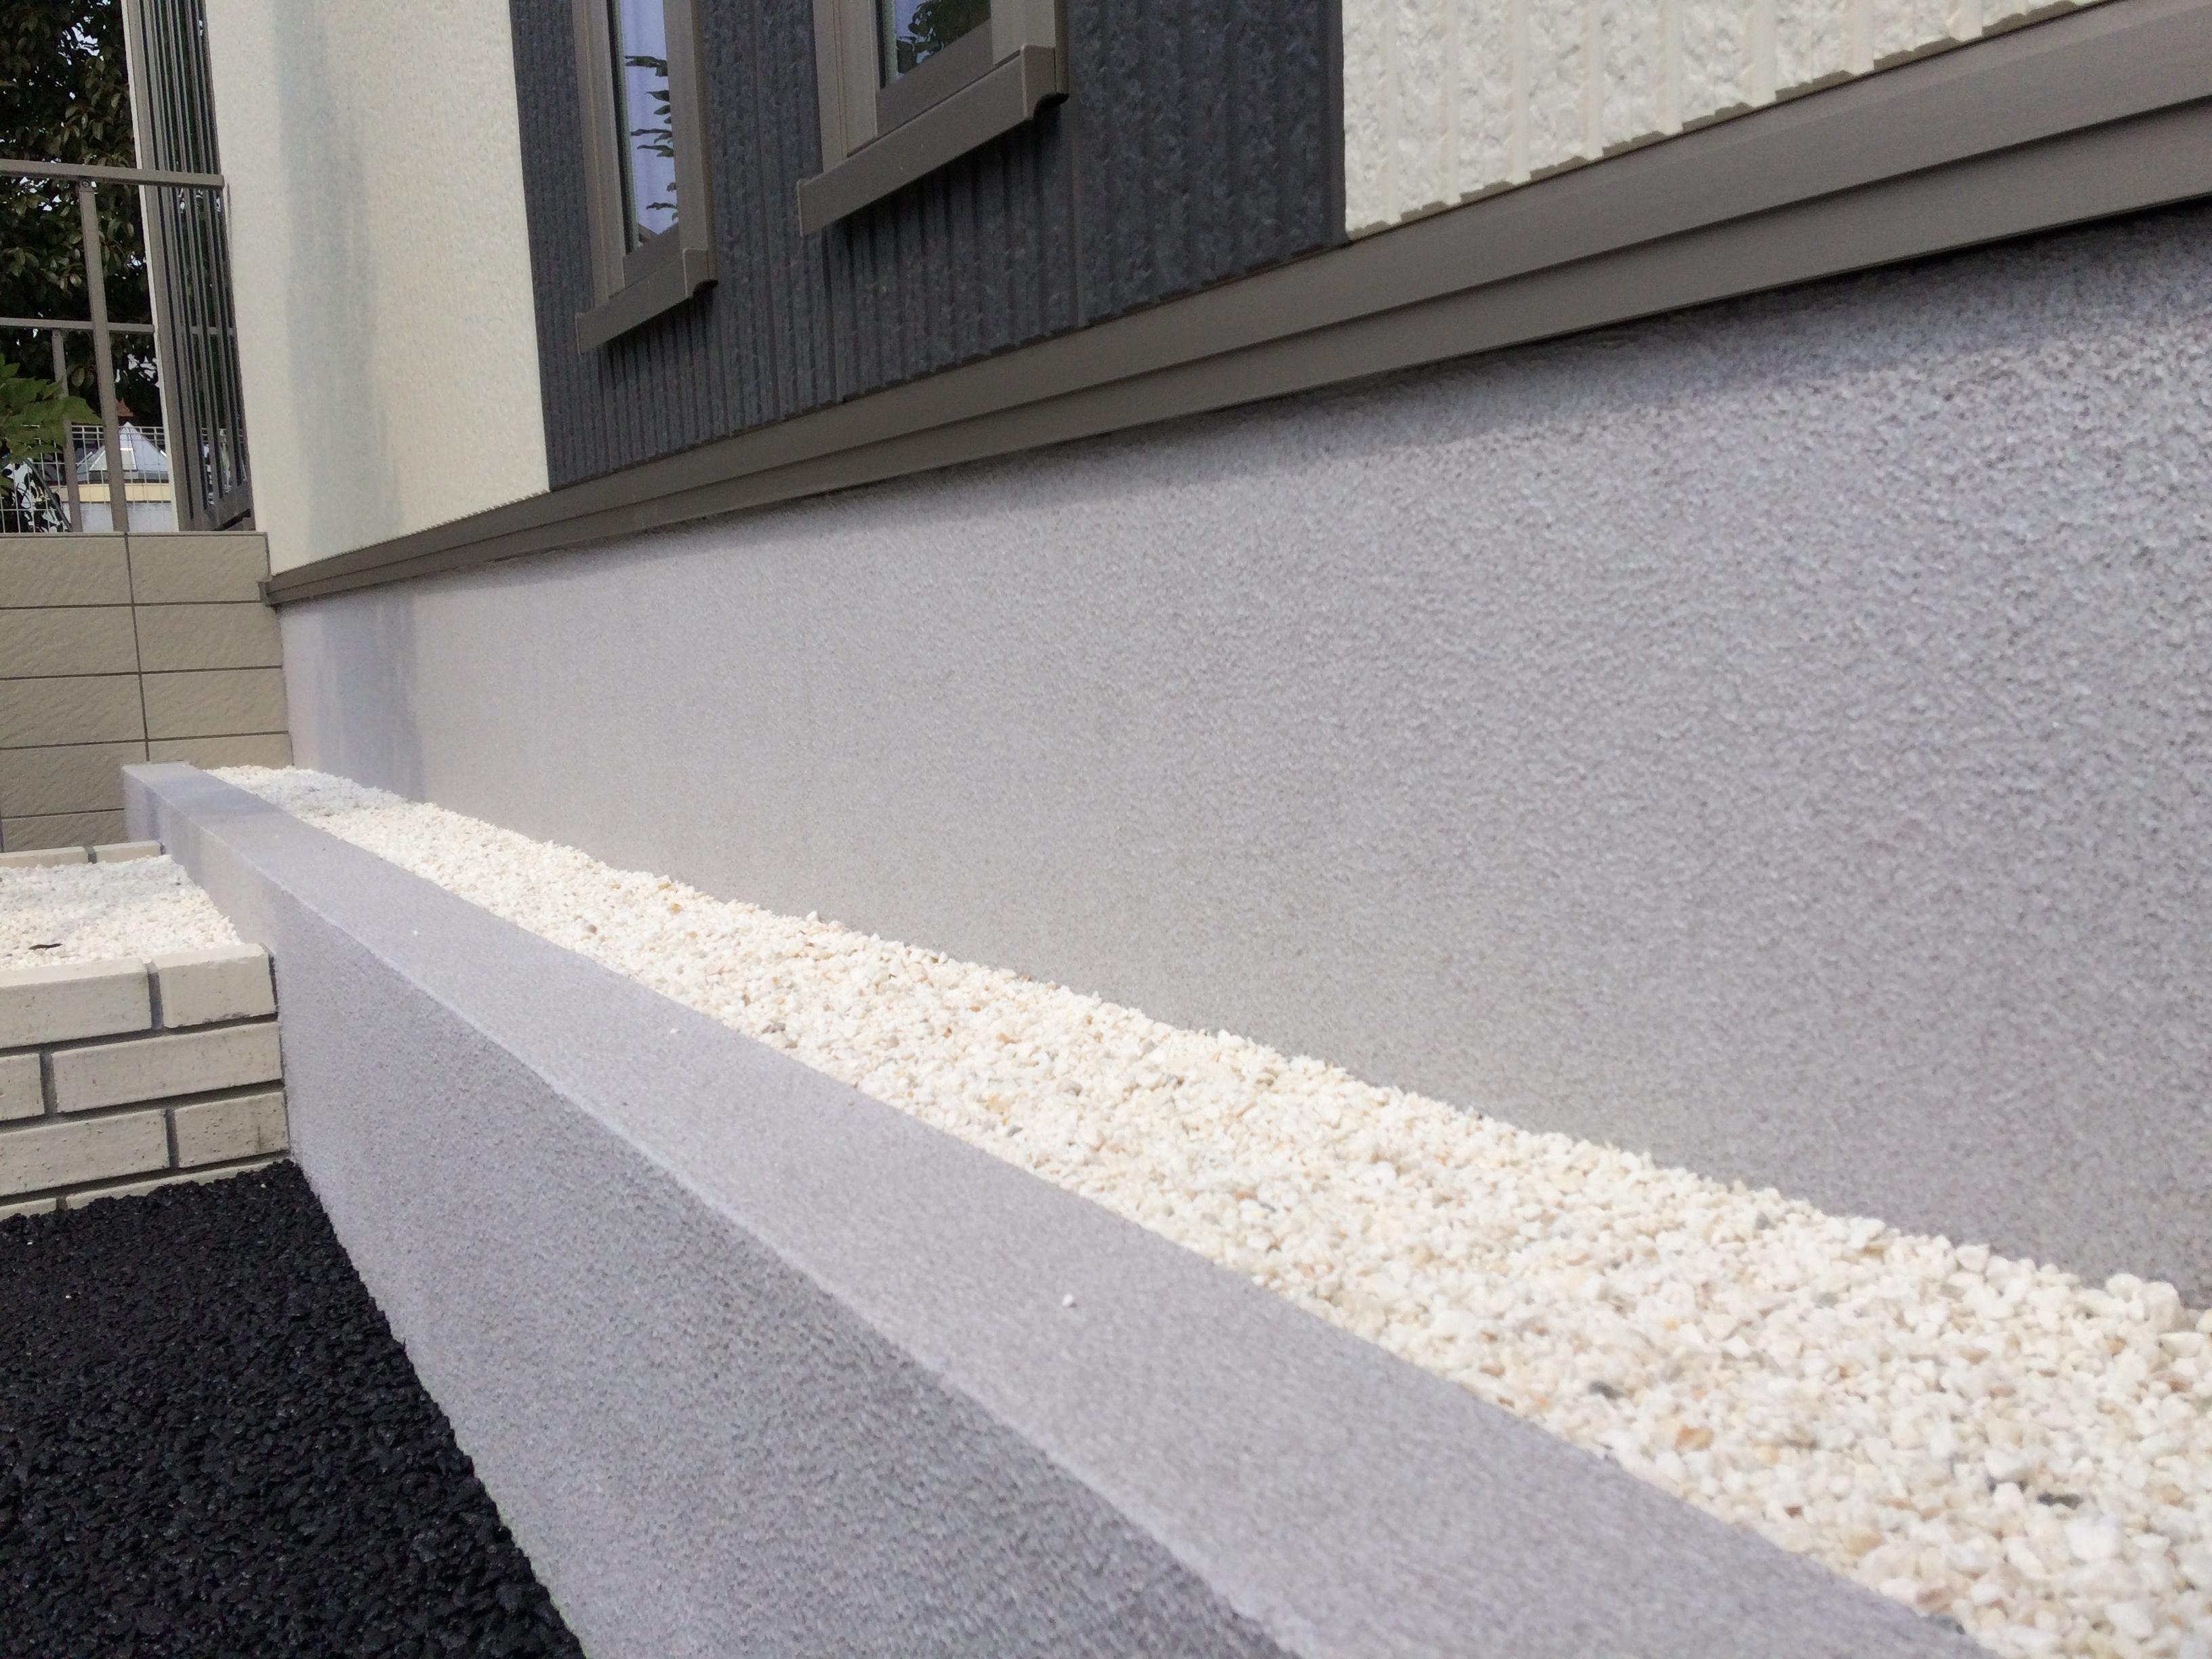 基礎幅木石材調模様塗装工事